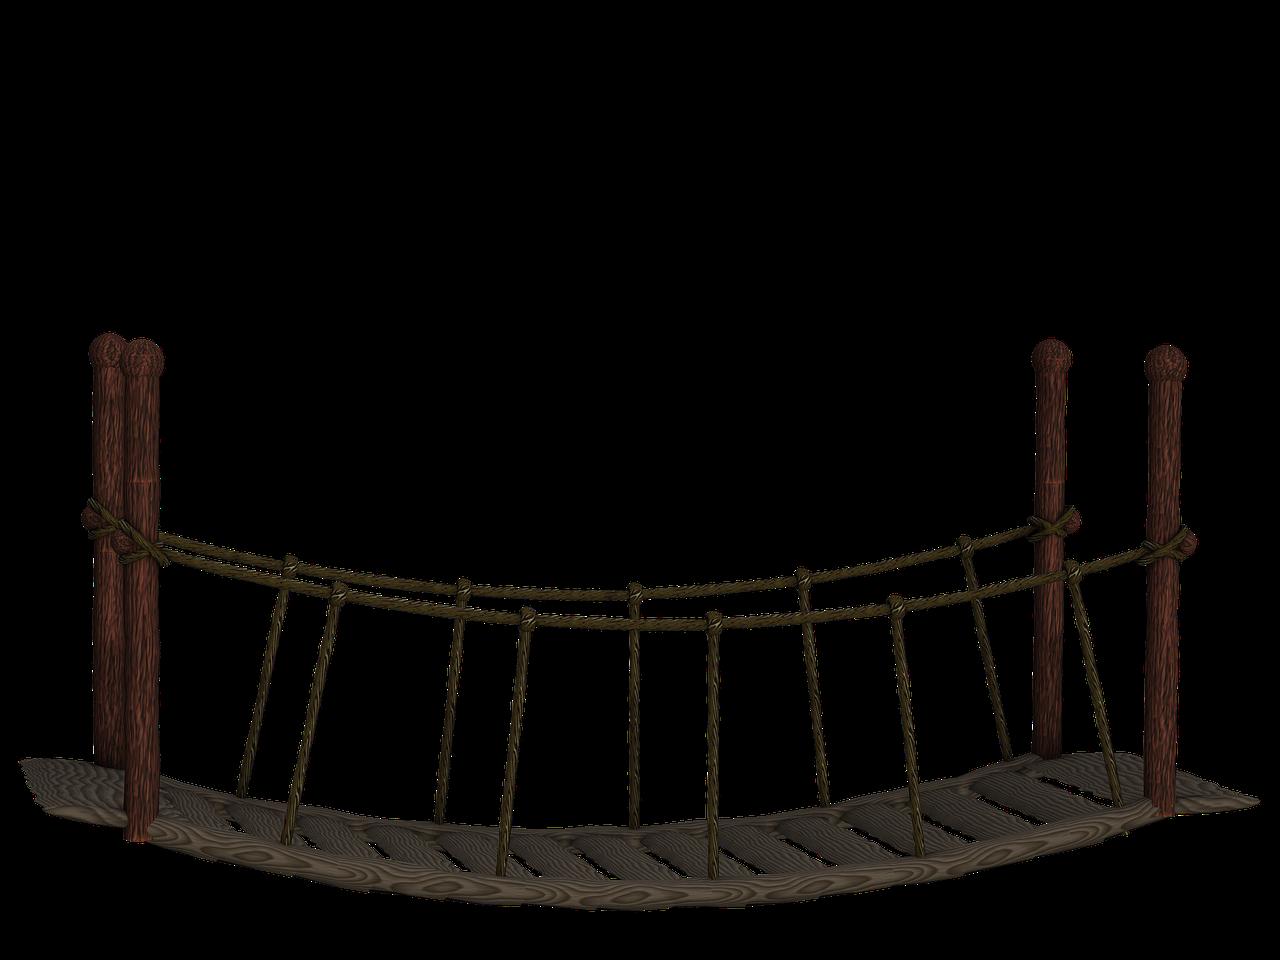 Деревянный мост картинка для детей